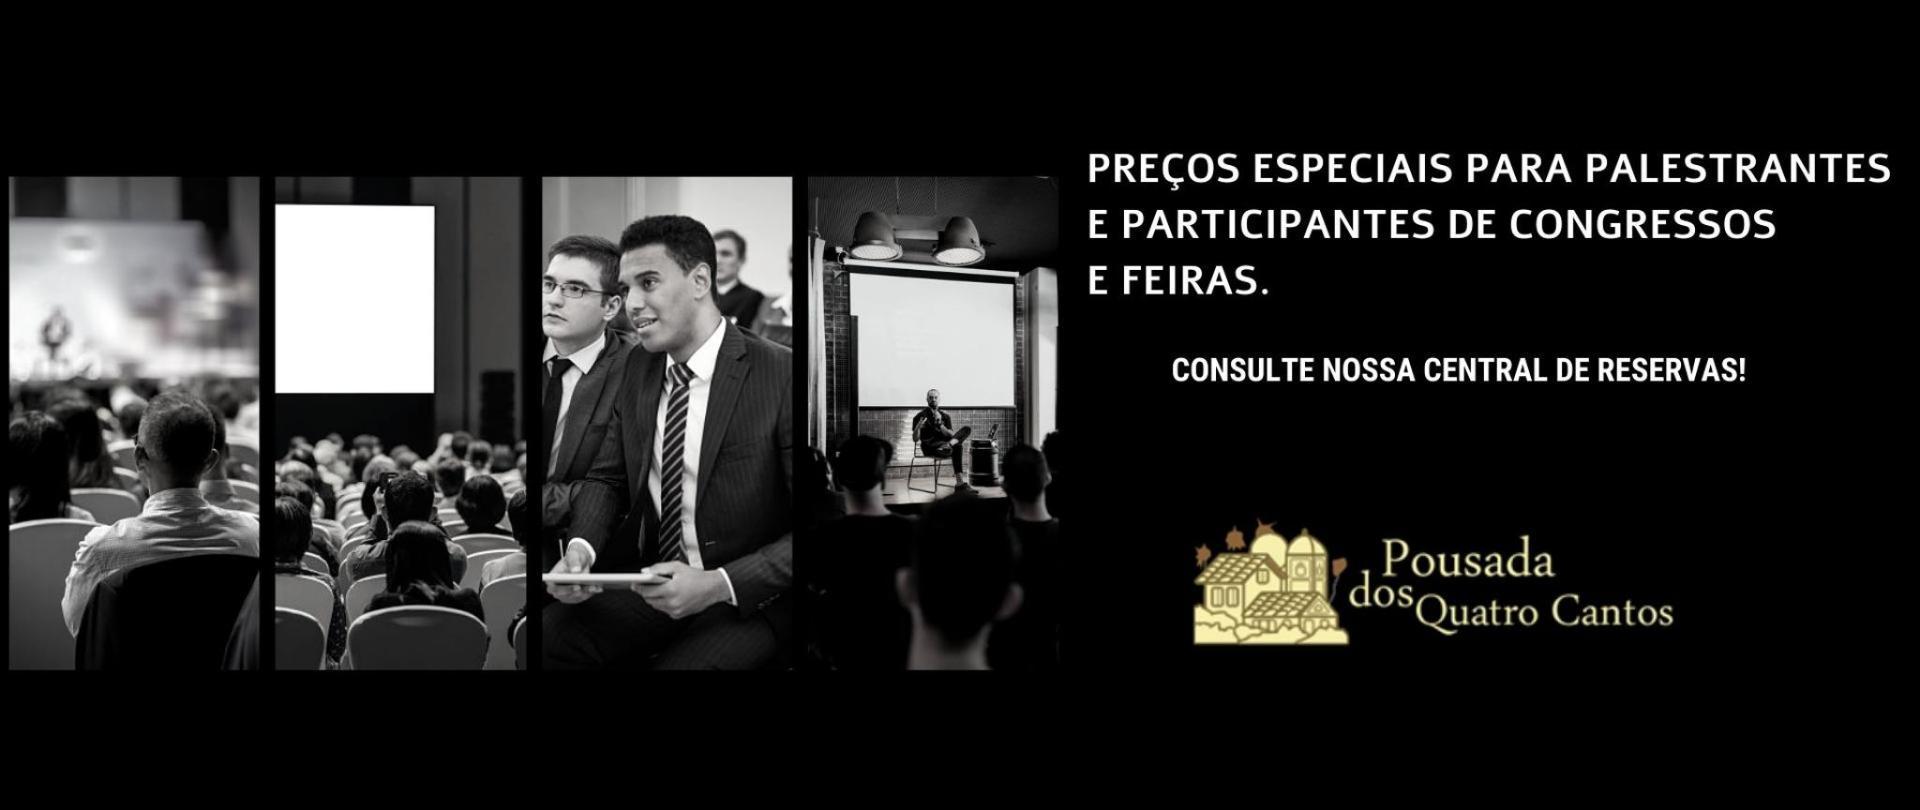 PREÇOS ESPECIAIS PARA PALESTRANTES E PARTICIPANTES DE CONGRESSOS E FEIRAS.jpg